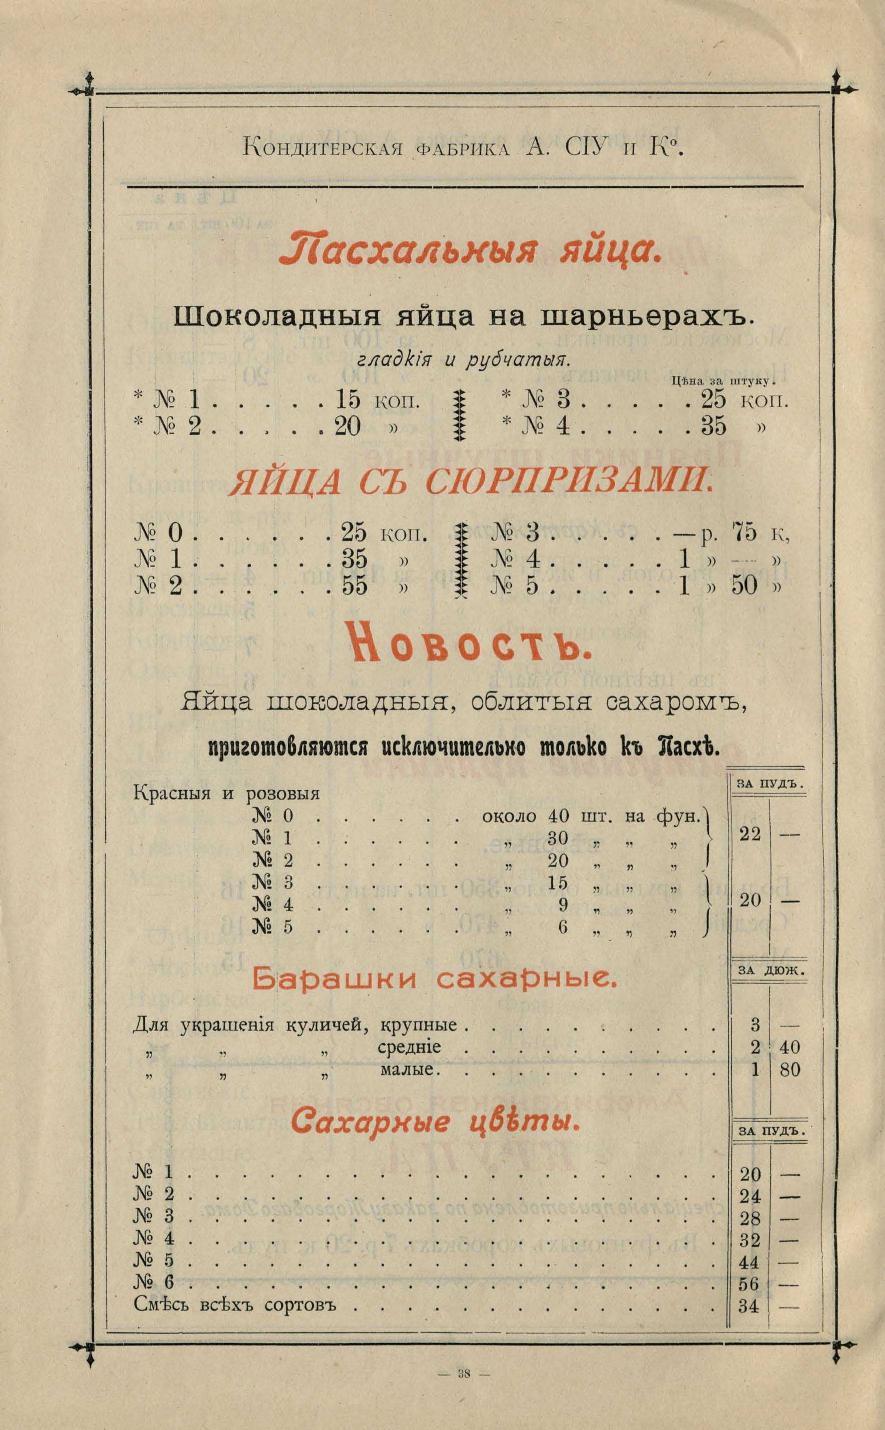 Оптовый прейс-курант, январь 1900 г.  Торговаго Дома СИУ и Кº стр 42.